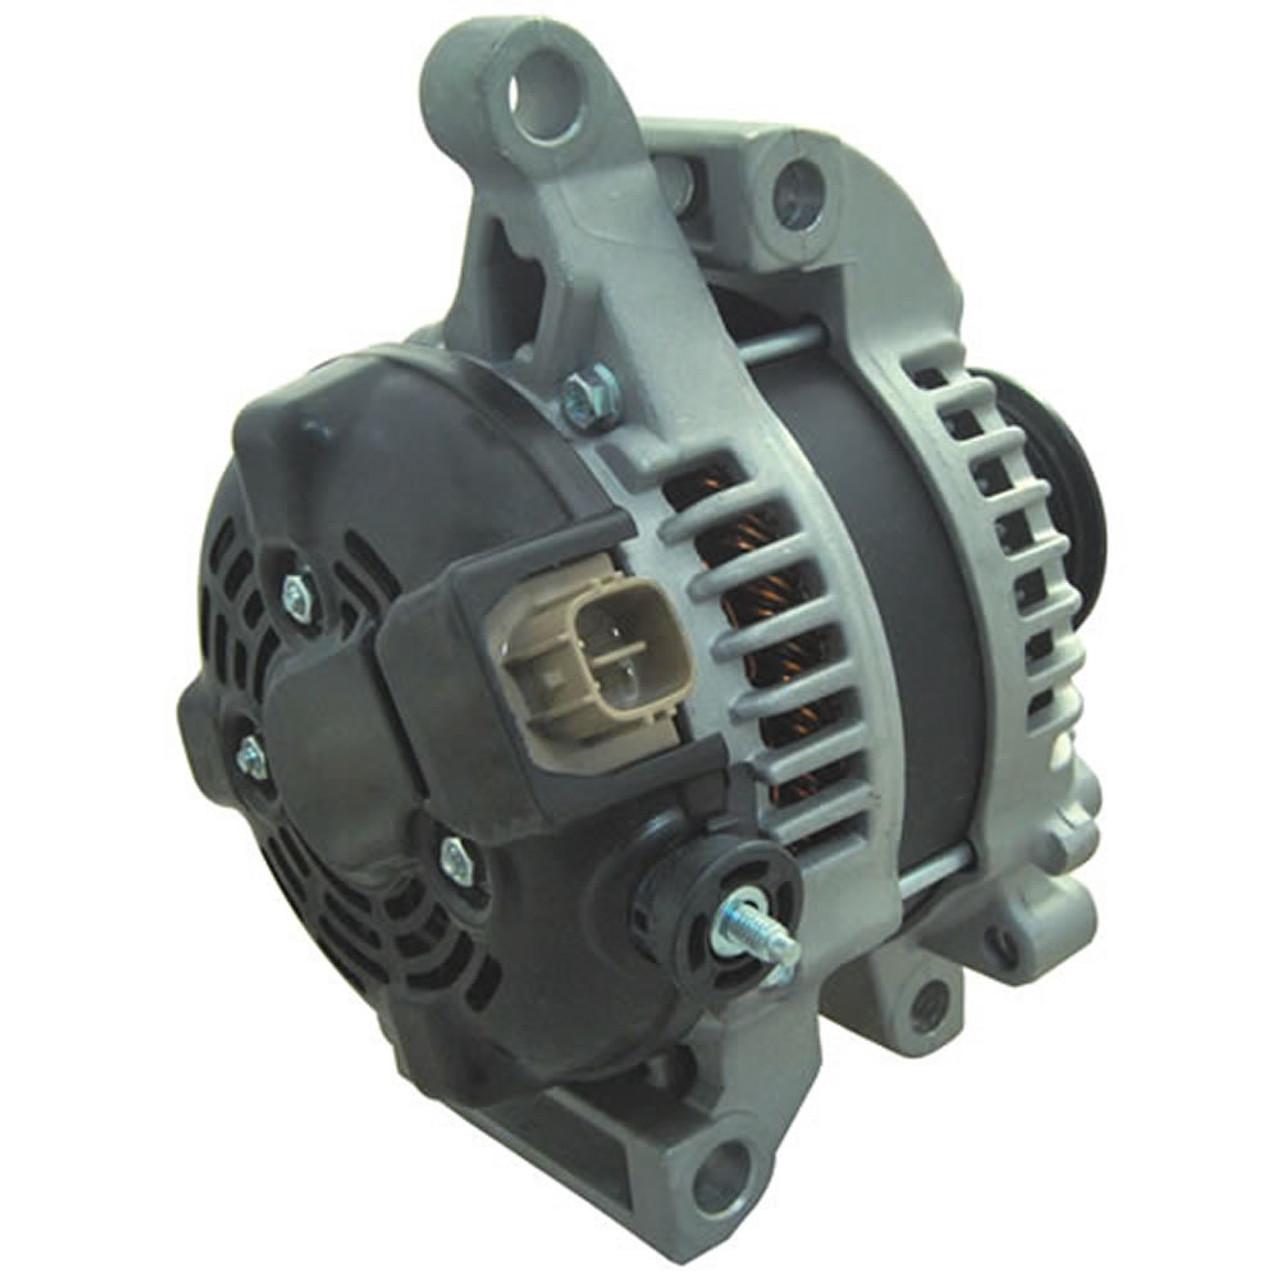 Toyota Tundra  Reman Alternator v8 4.6L 11351 2010-2016 130 amp